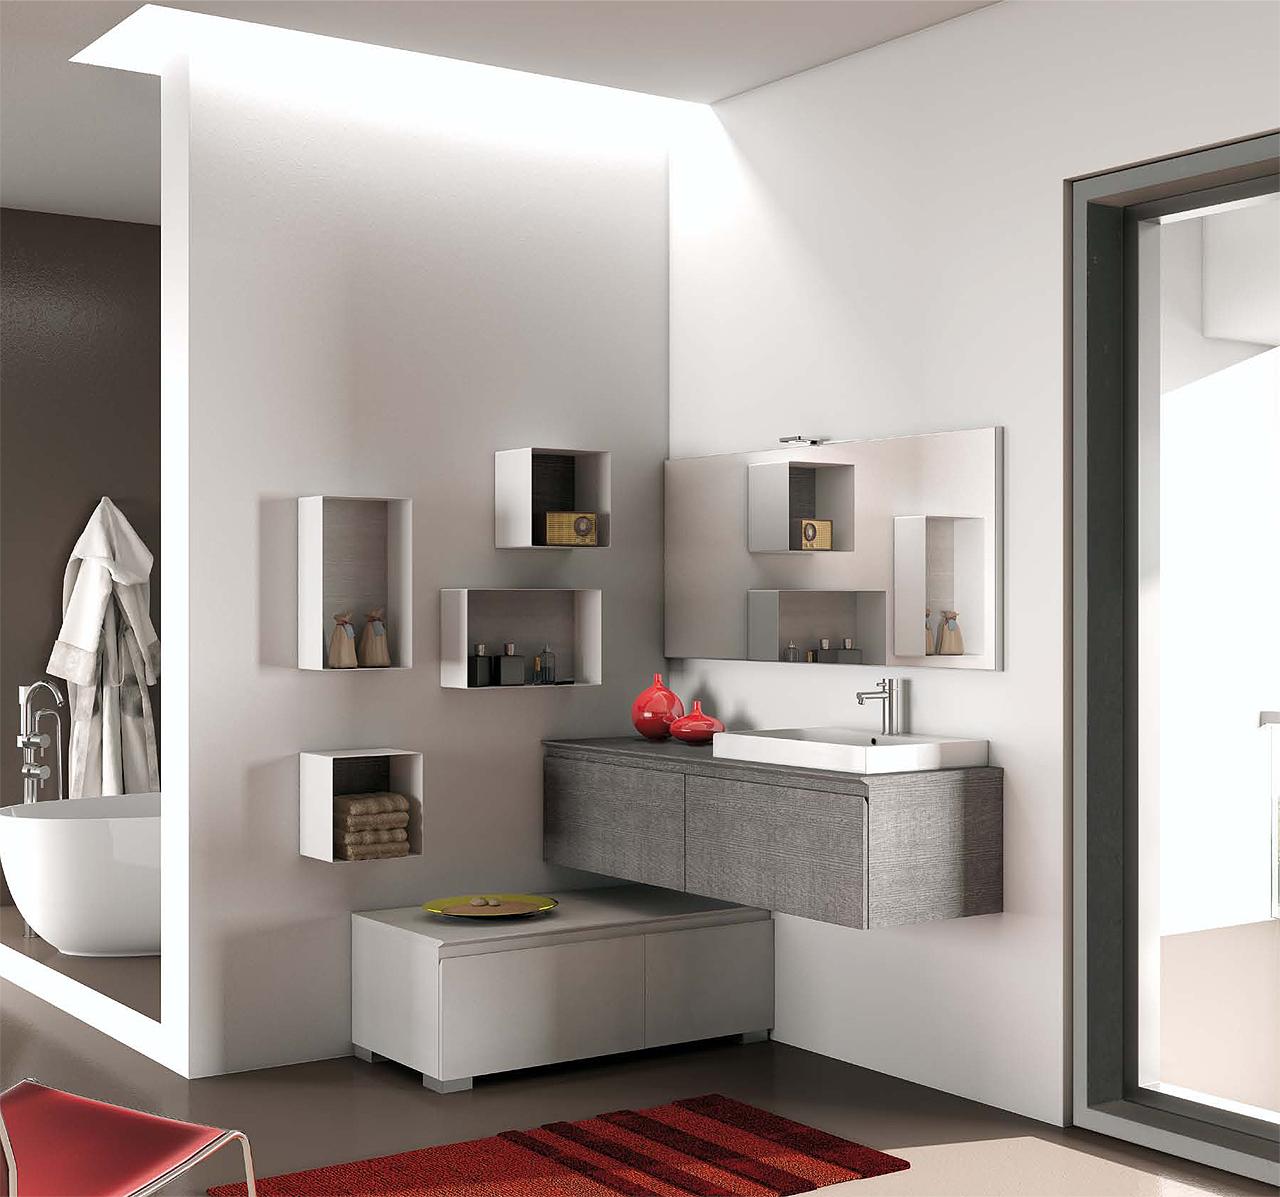 puntotre-mobili-arredobagno-serie-time-composizione-05-sintesibagno-01